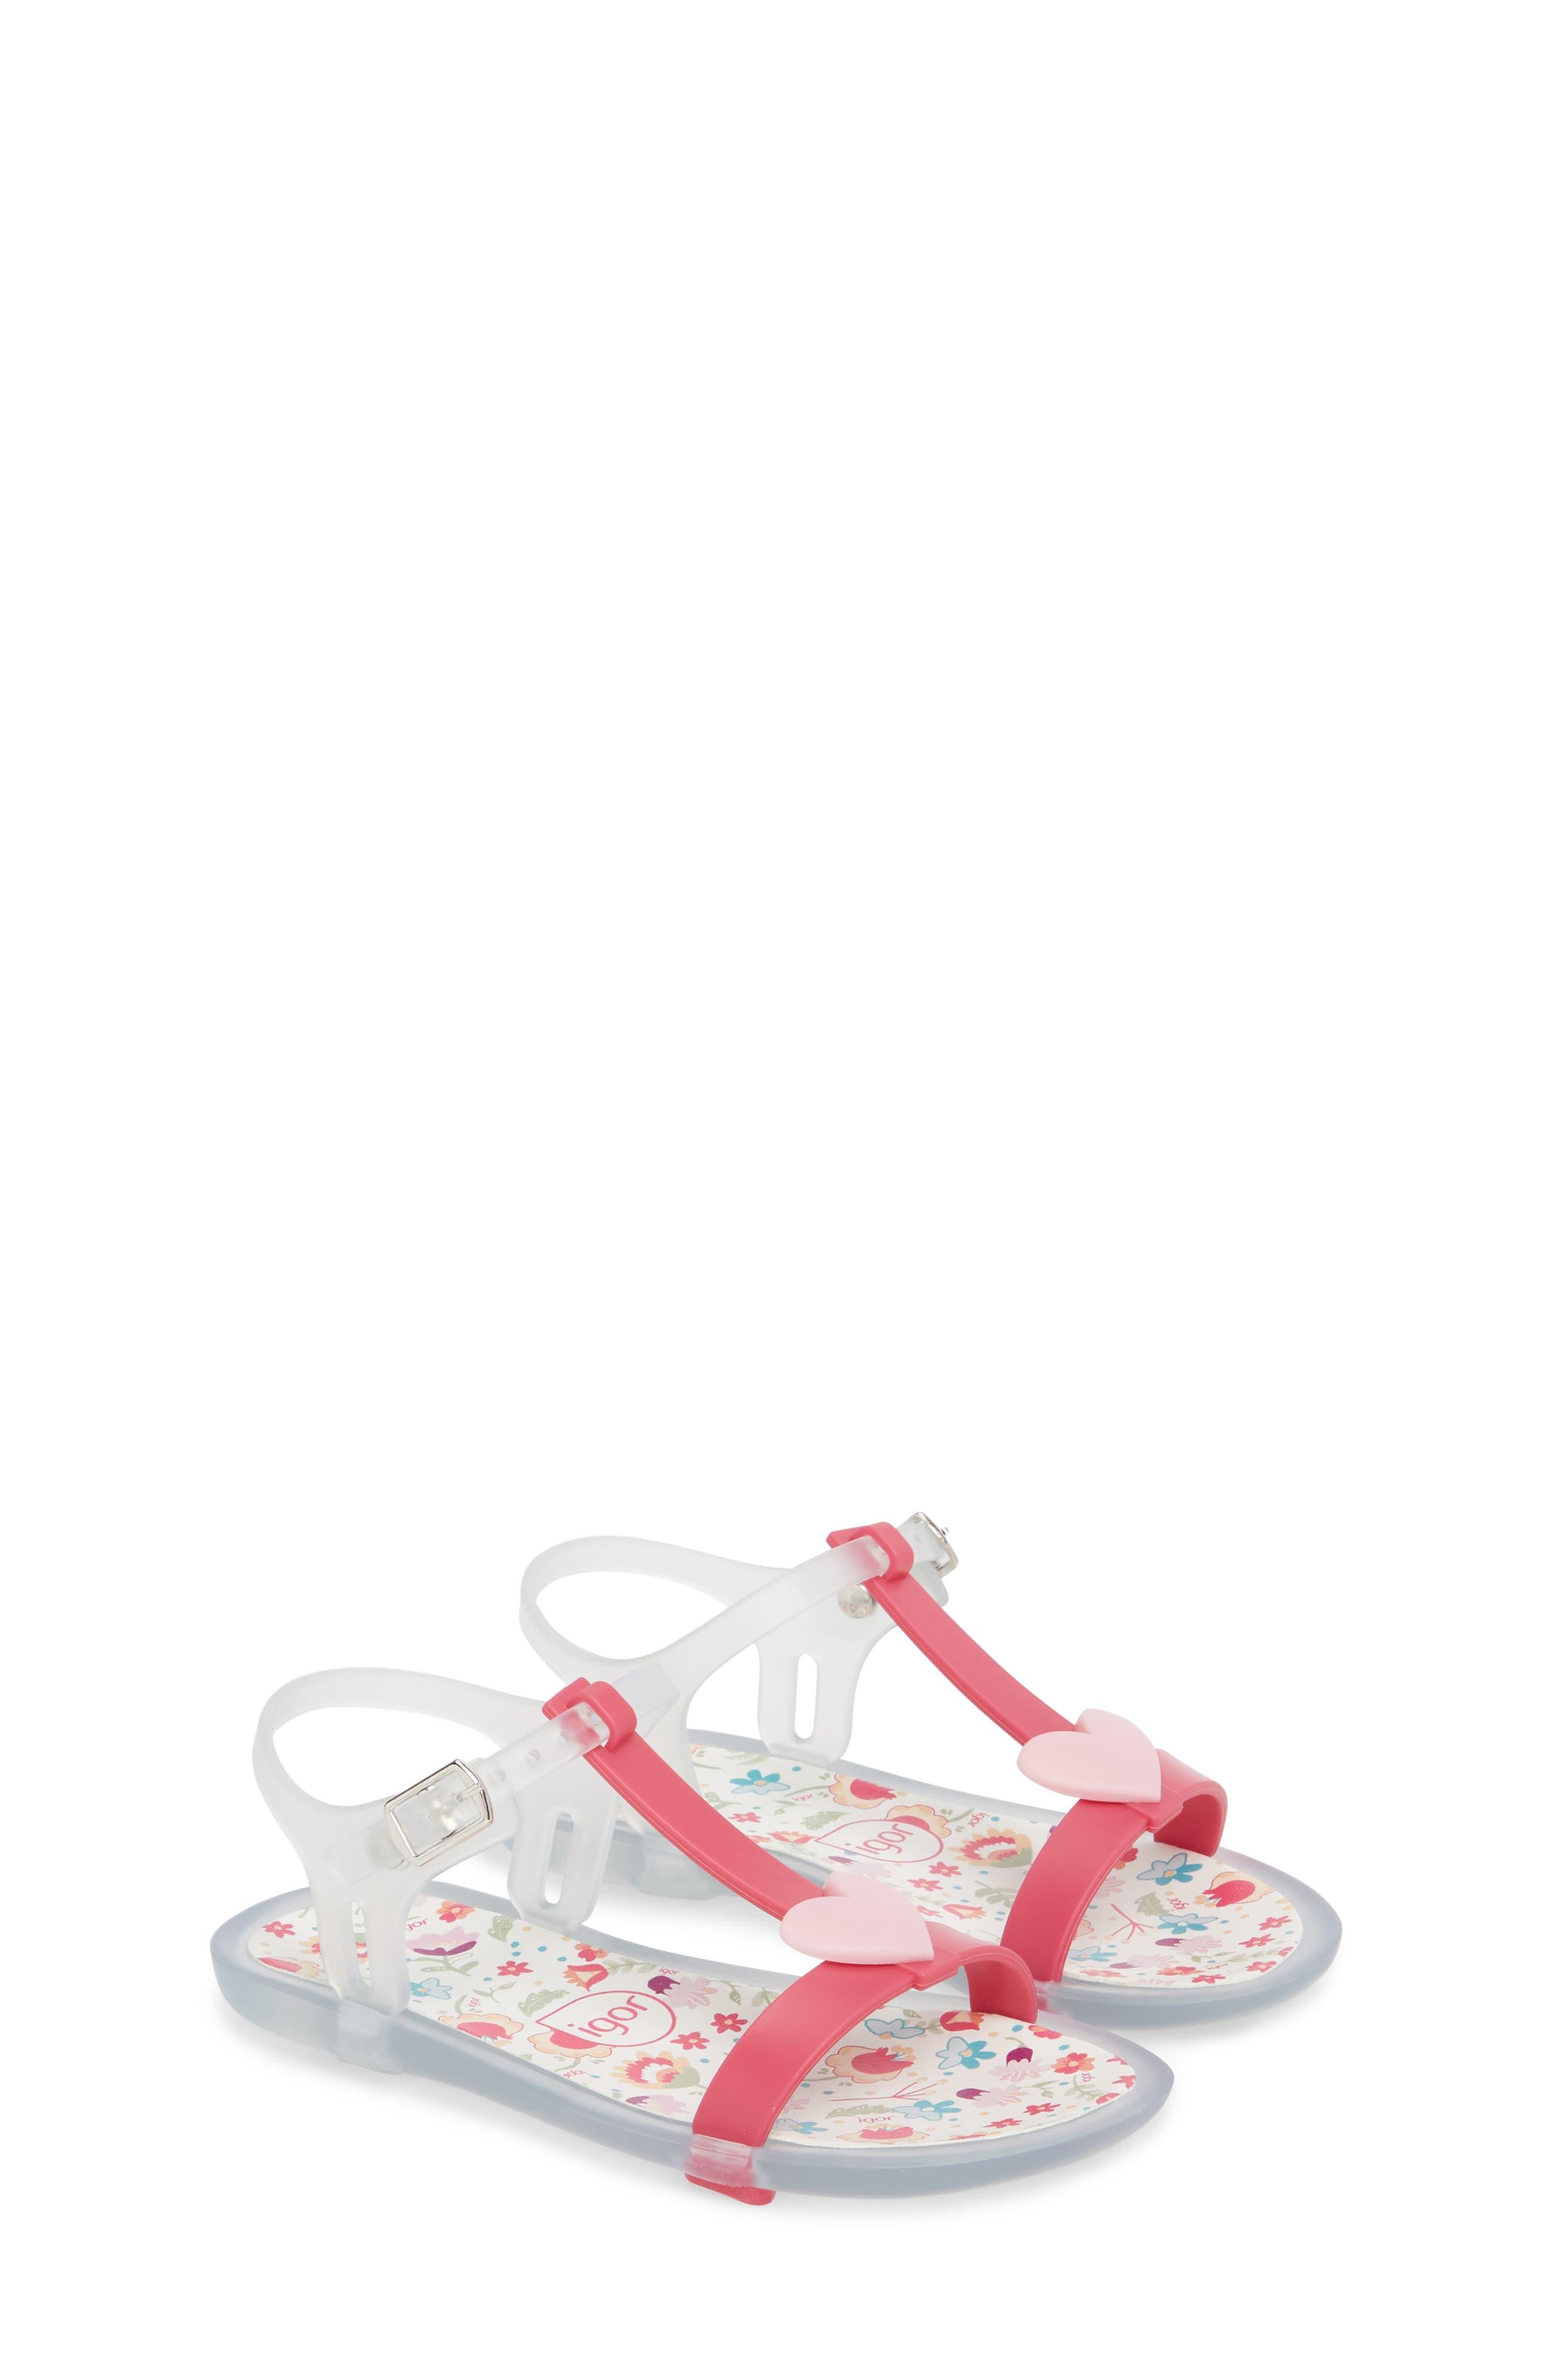 Tricia Cuore T-Strap Sandal,                         Main,                         color, 660